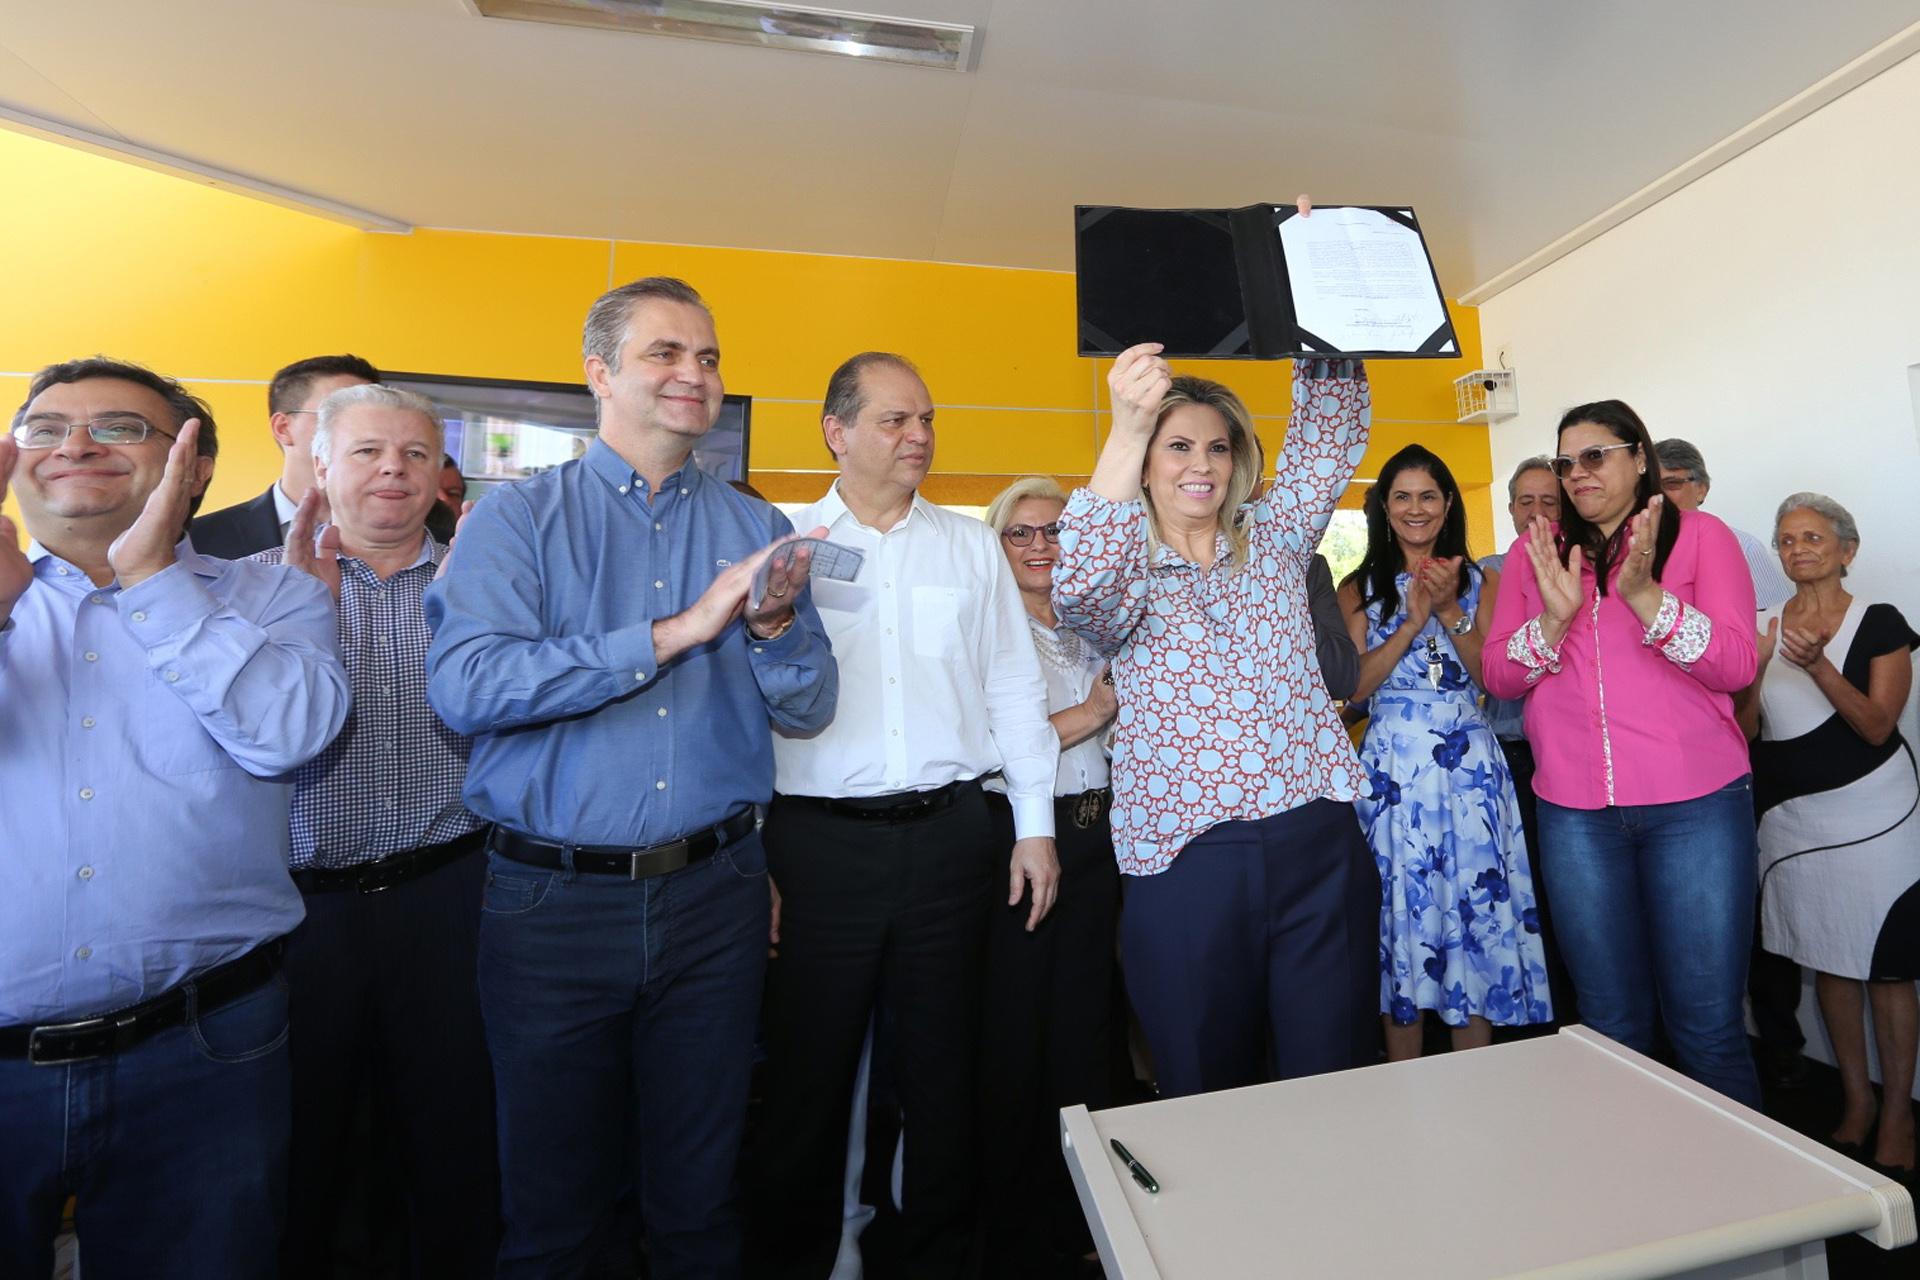 Cida Borghetti - Estado entrega novo Centro de Especialidades em Maringá